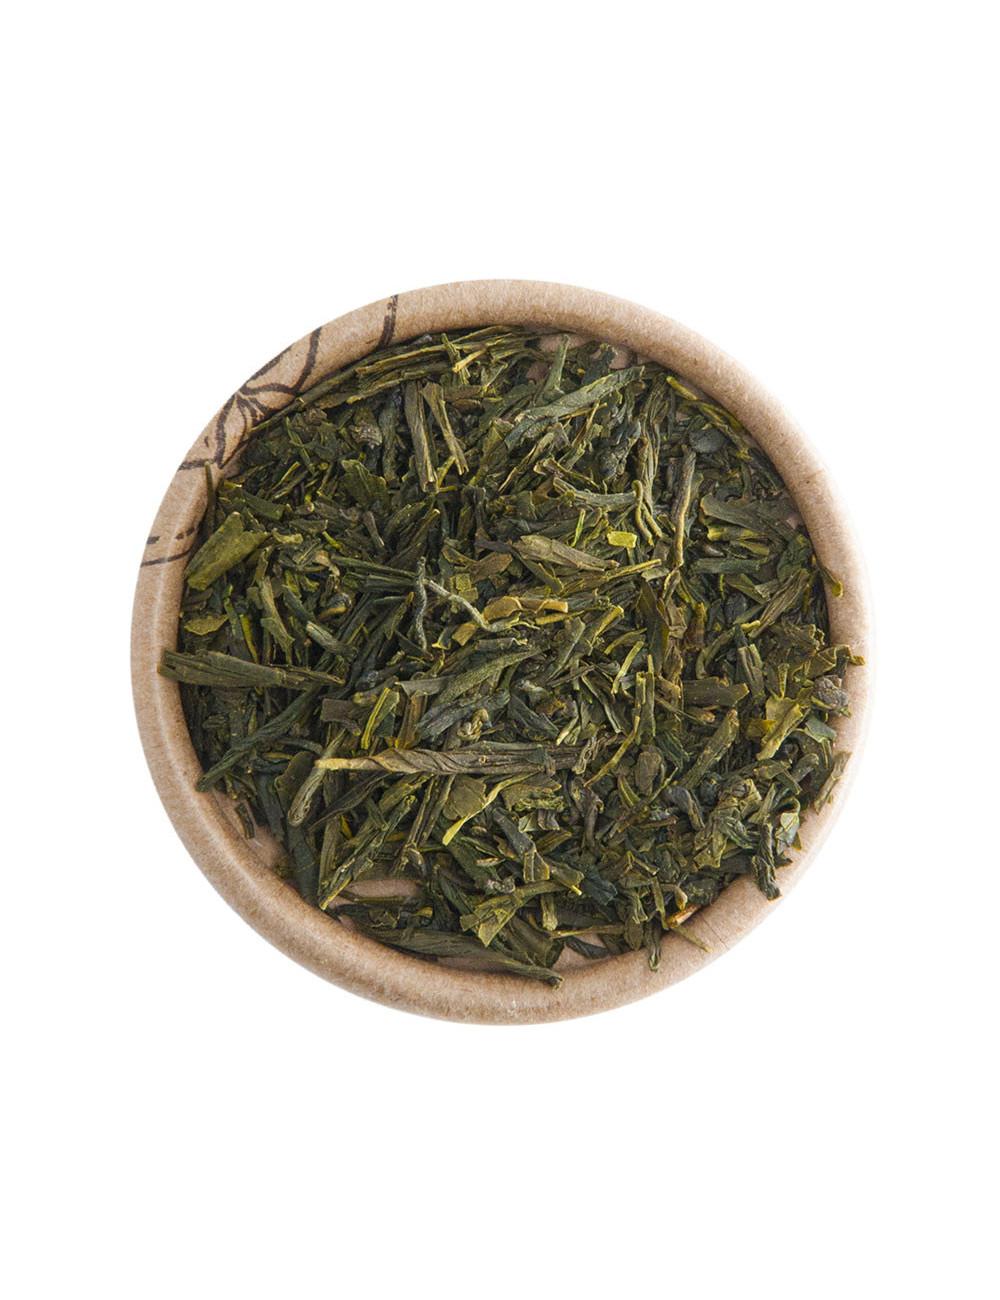 Japan Bancha tè verde - La Pianta del Tè shop online